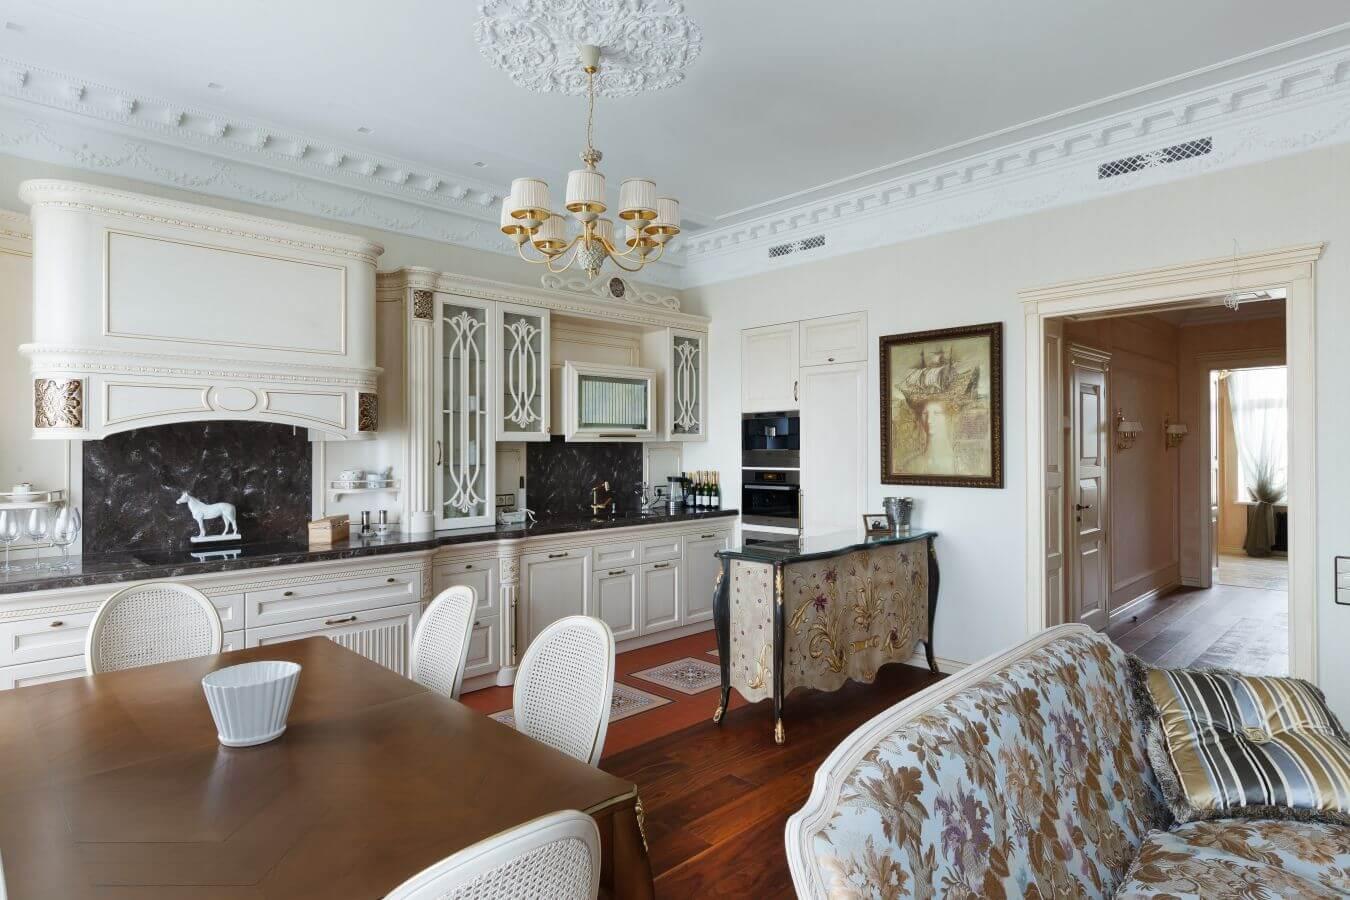 дизайн кухни гостиной фото